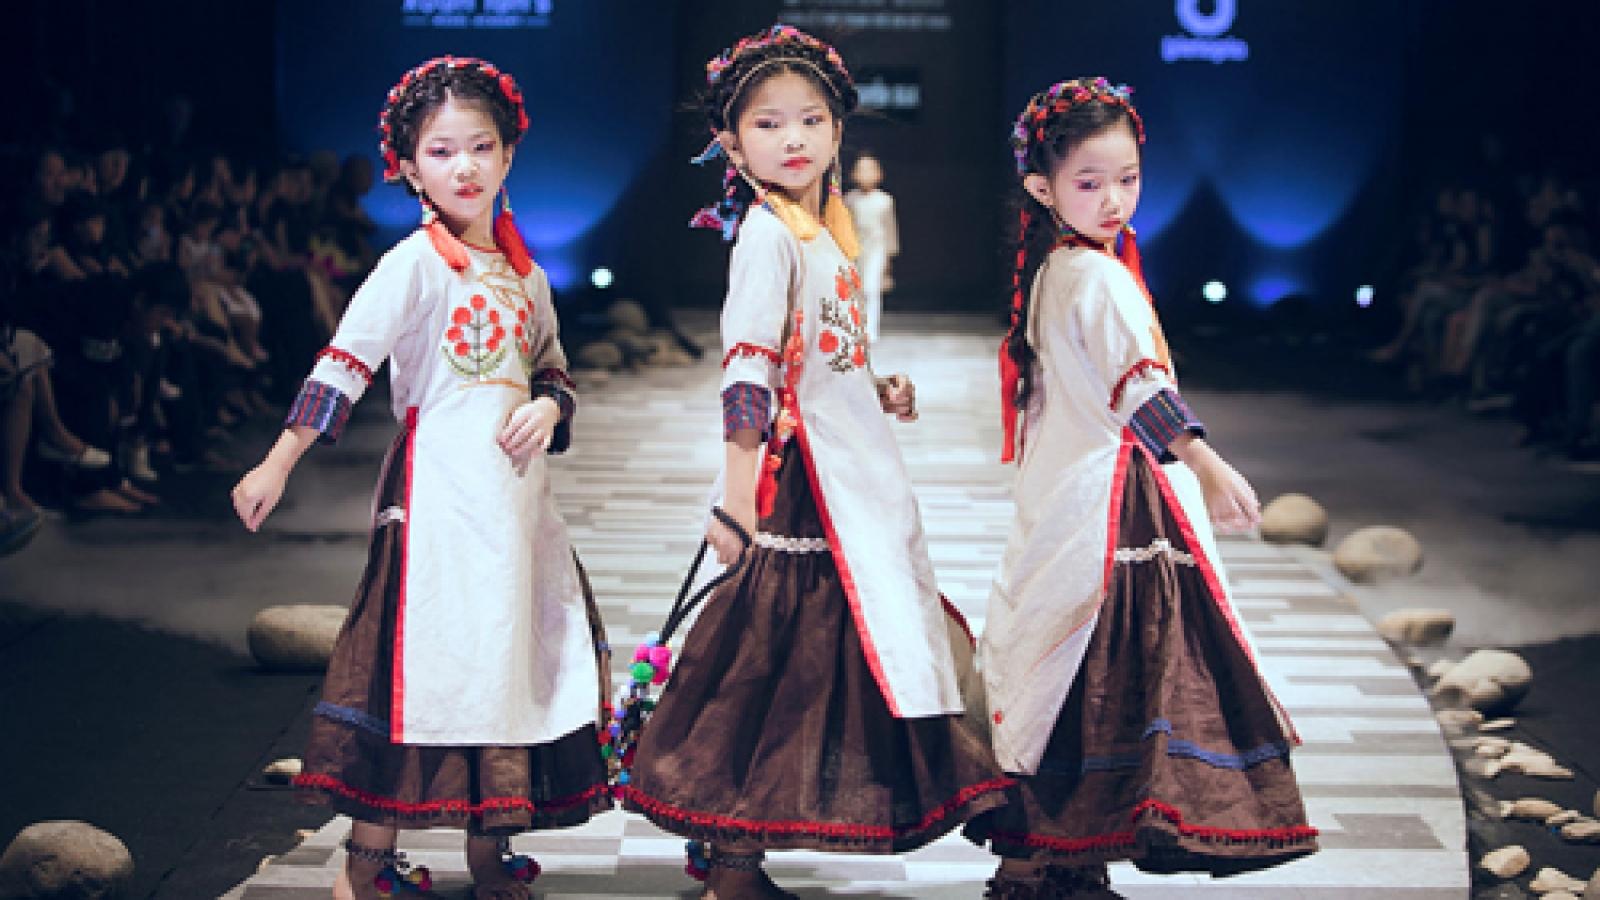 In photos: Vietnam Junior Fashion Week in HCM City